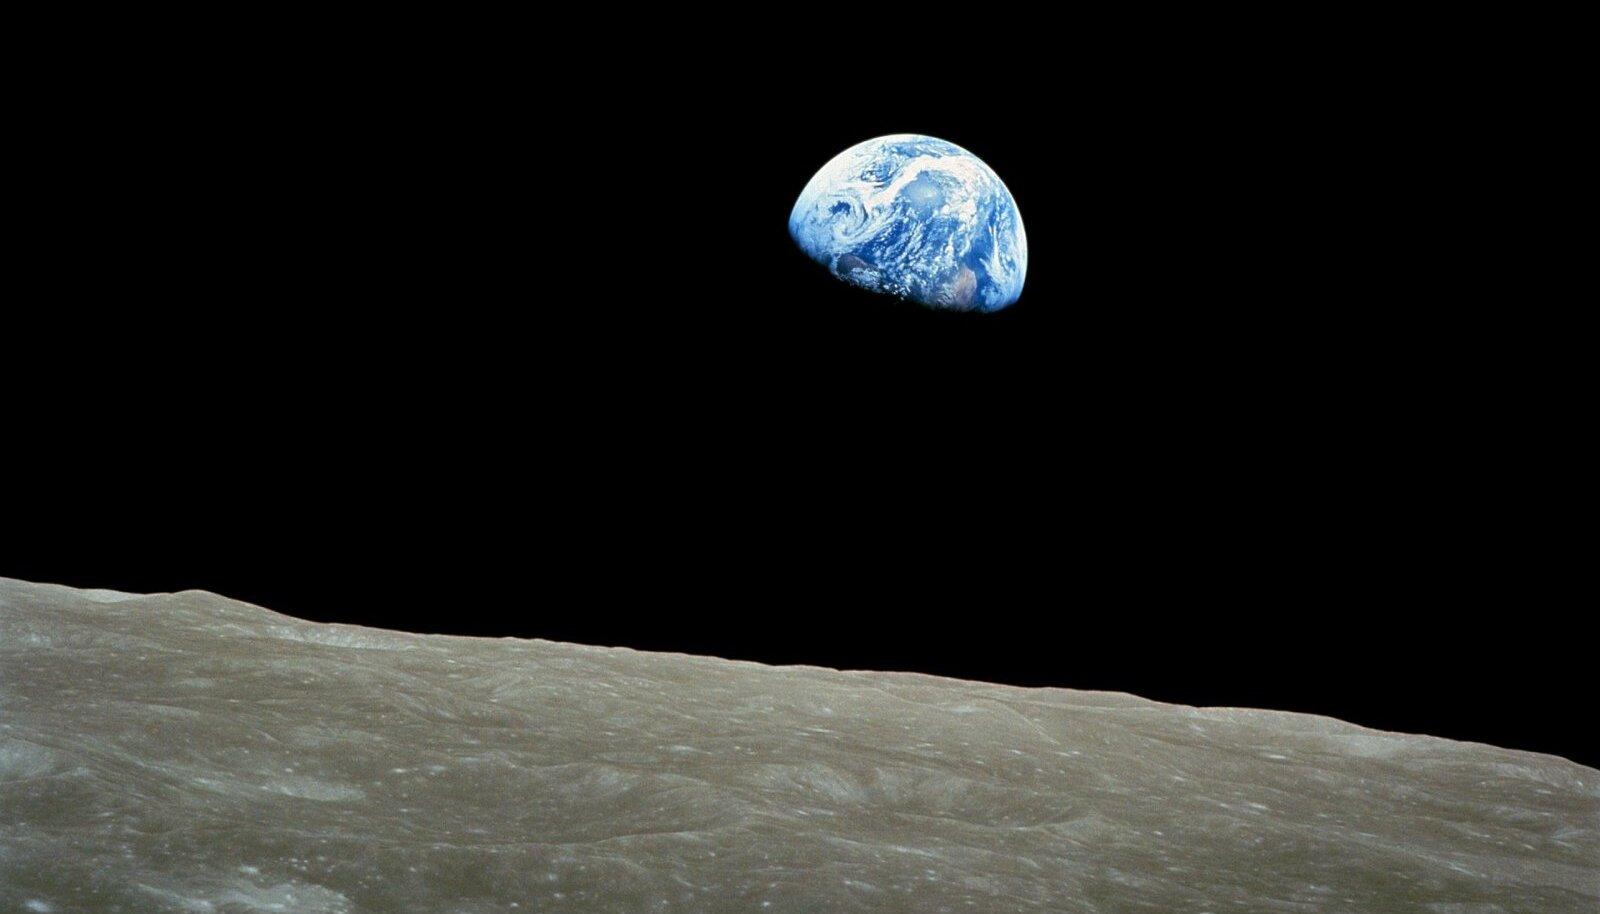 Illustratiivsel eesmärgil: Maa vaadelduna Kuu pinnalt (Foto: Pixabay / WikiImages)